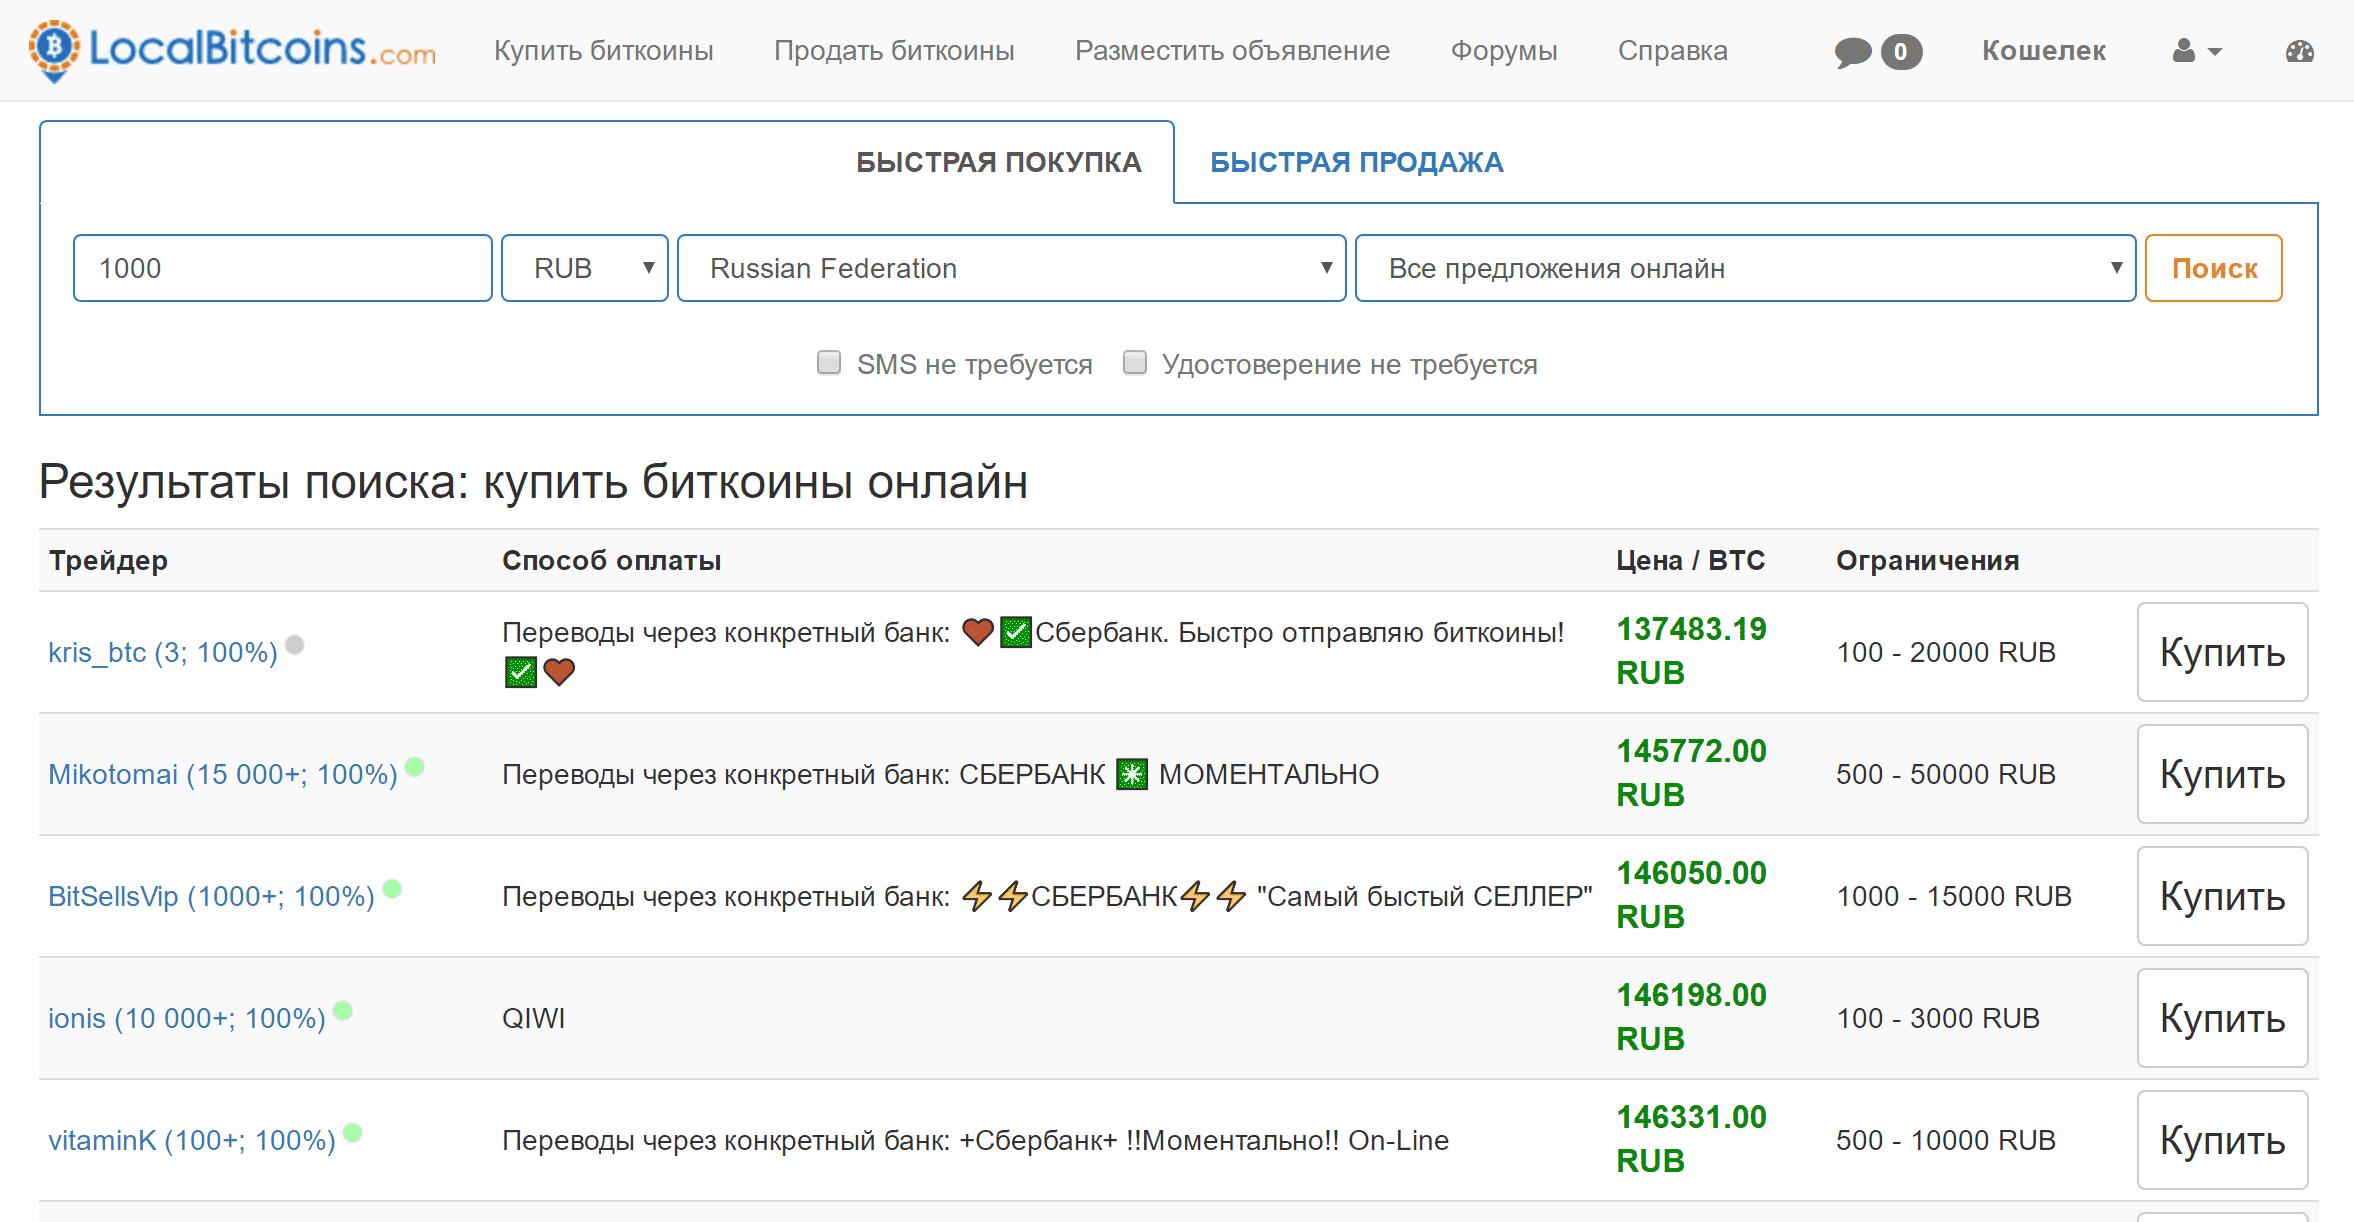 hogyan lehet gyorsan bitcoinot készíteni)